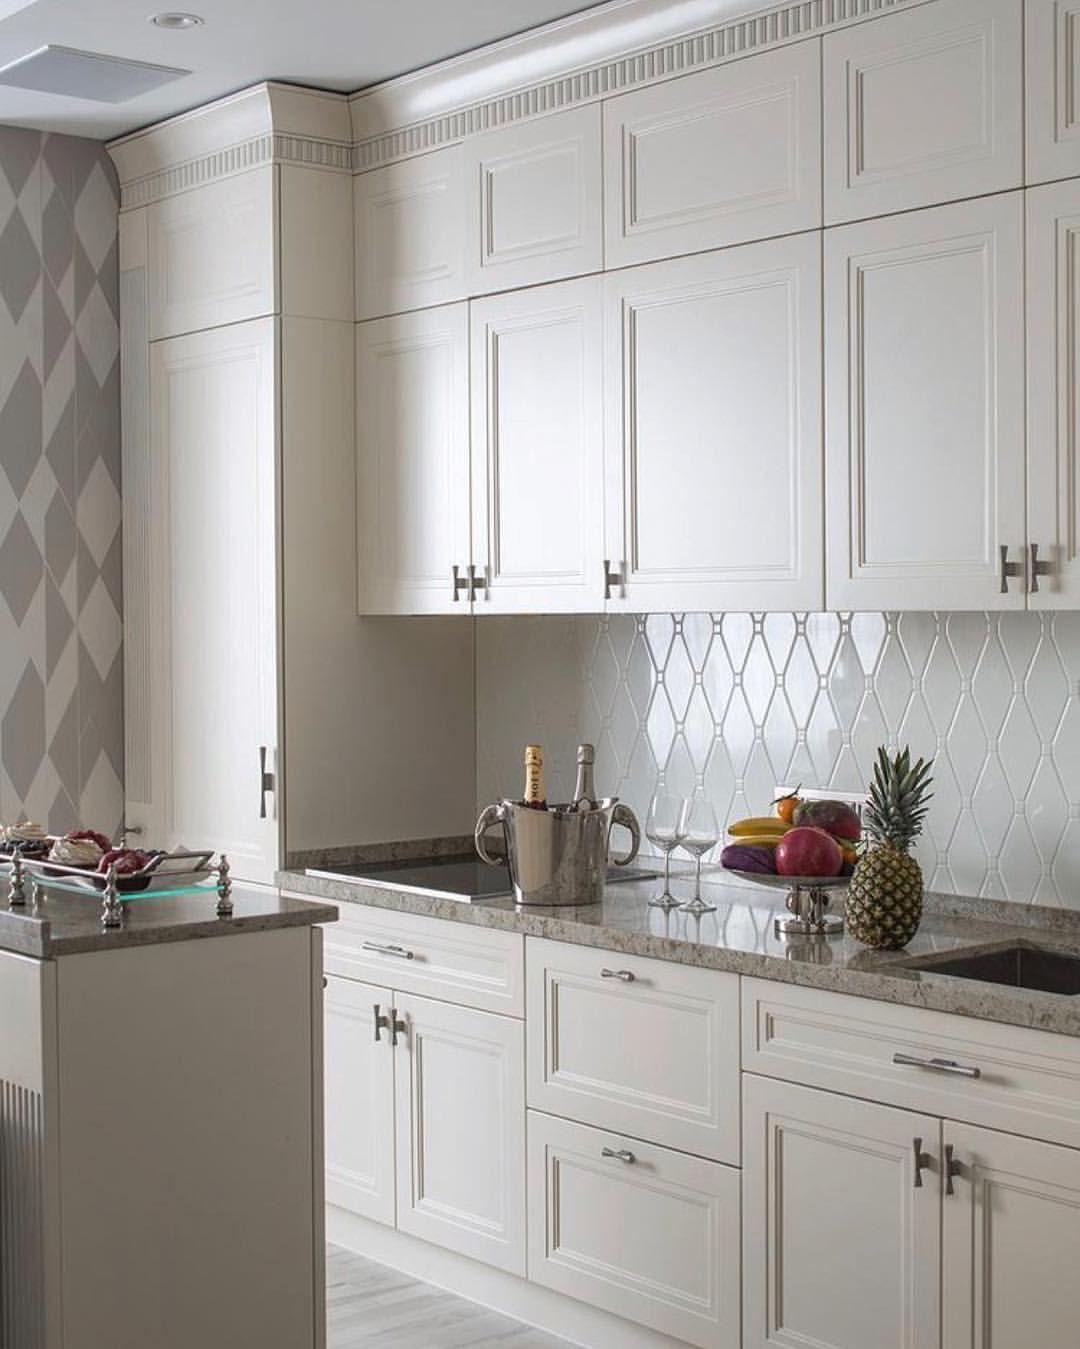 Avant Garde Kitchen Arzena Dizayn 012 564 37 12 051 295 06 90 Unvan Nərima Kitchen Remodel Small Interior Design Kitchen Home Decor Kitchen